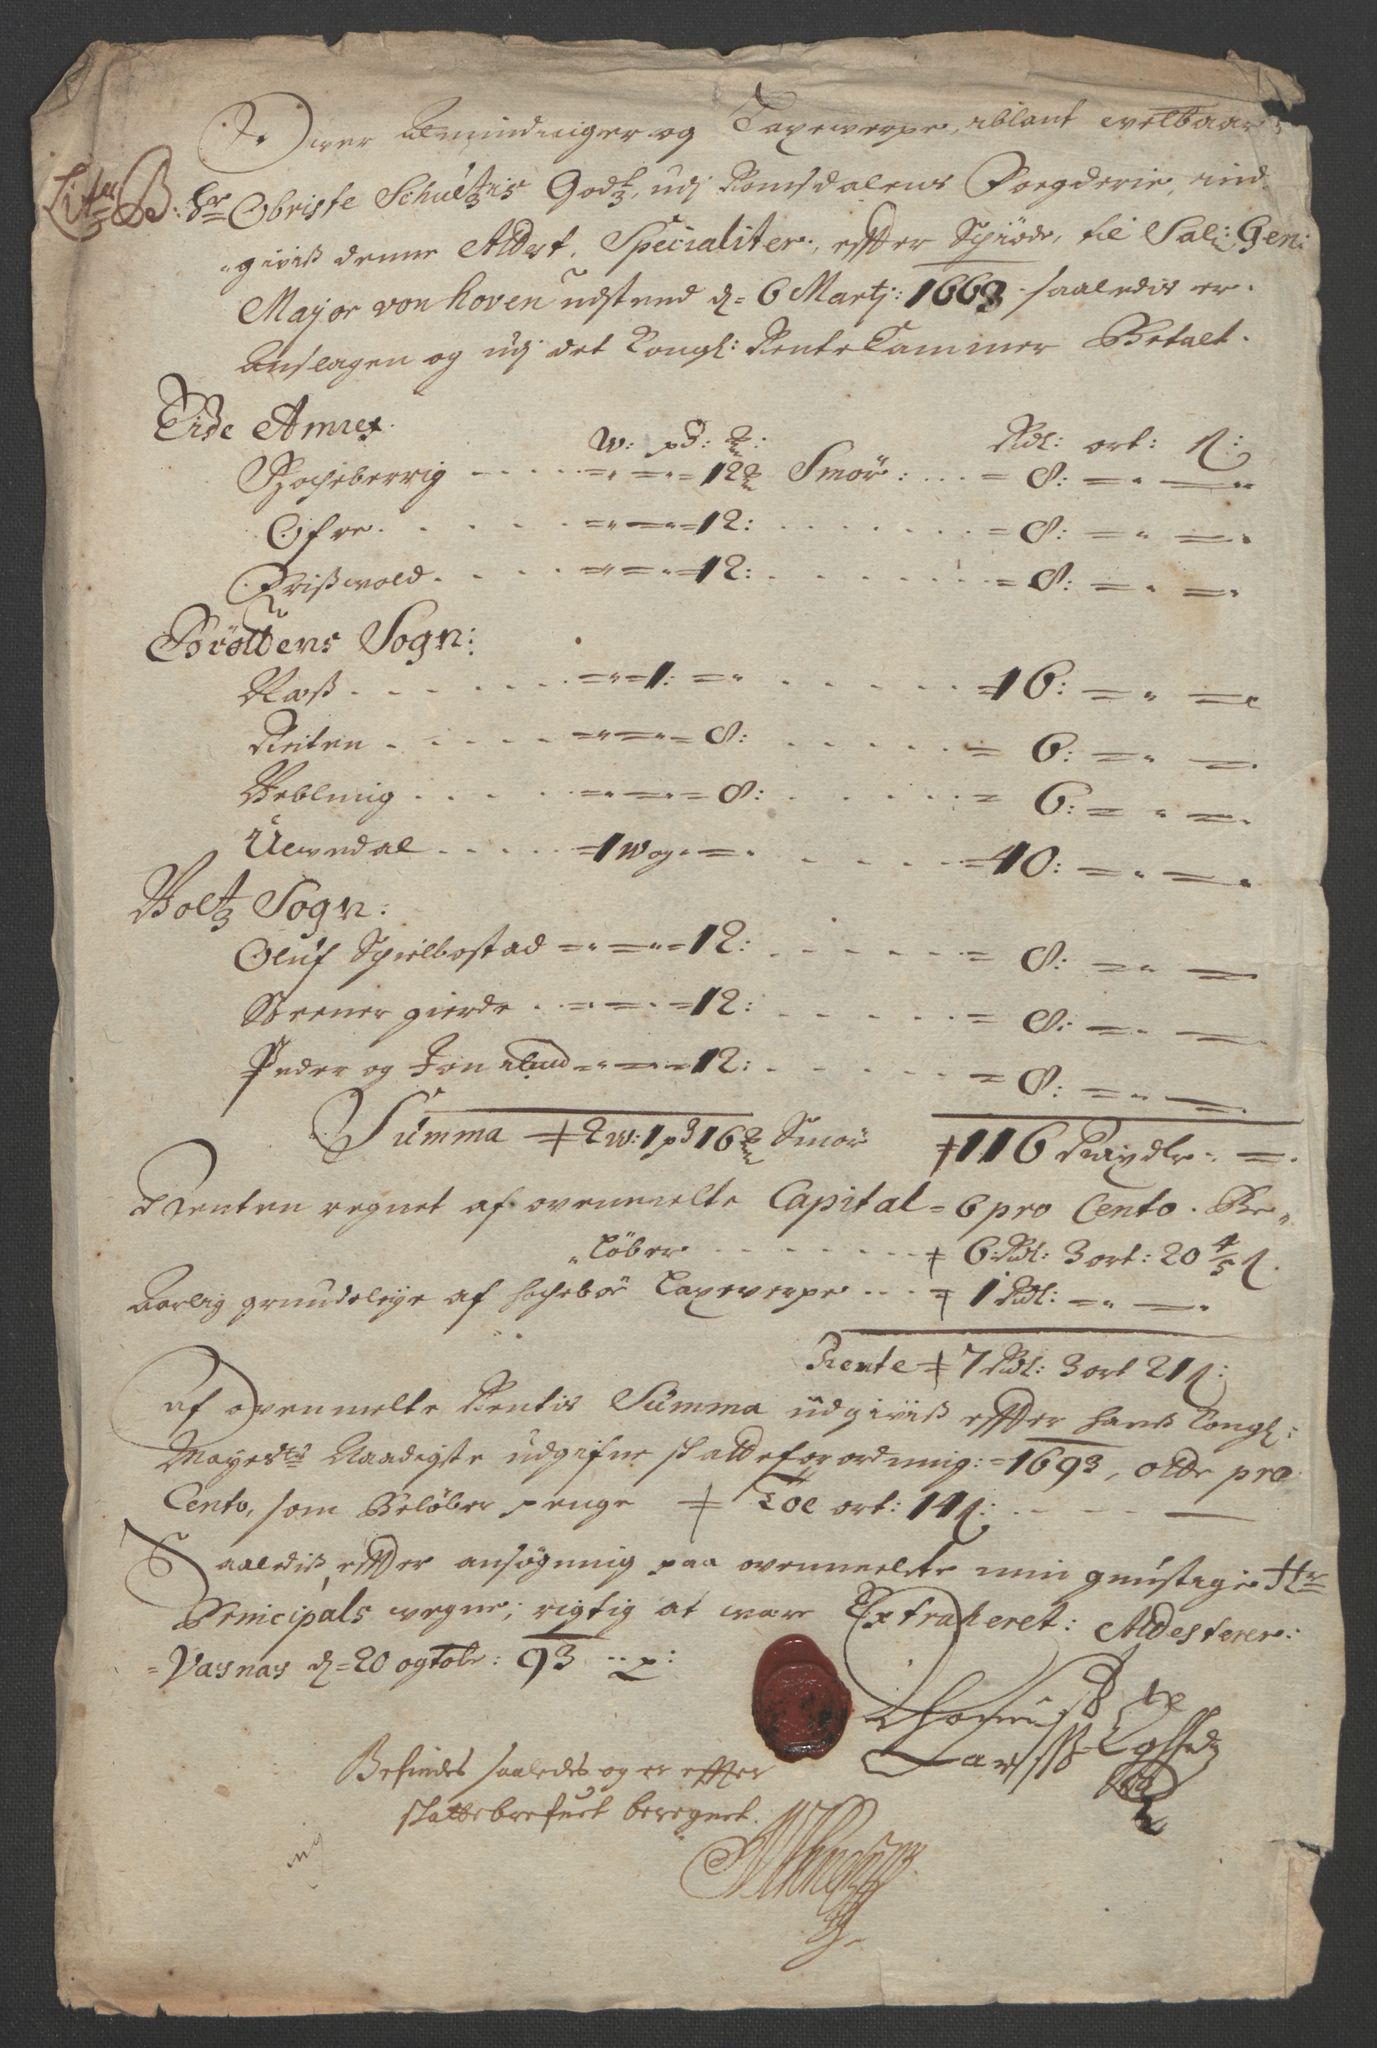 RA, Rentekammeret inntil 1814, Reviderte regnskaper, Fogderegnskap, R55/L3651: Fogderegnskap Romsdal, 1693-1694, s. 66